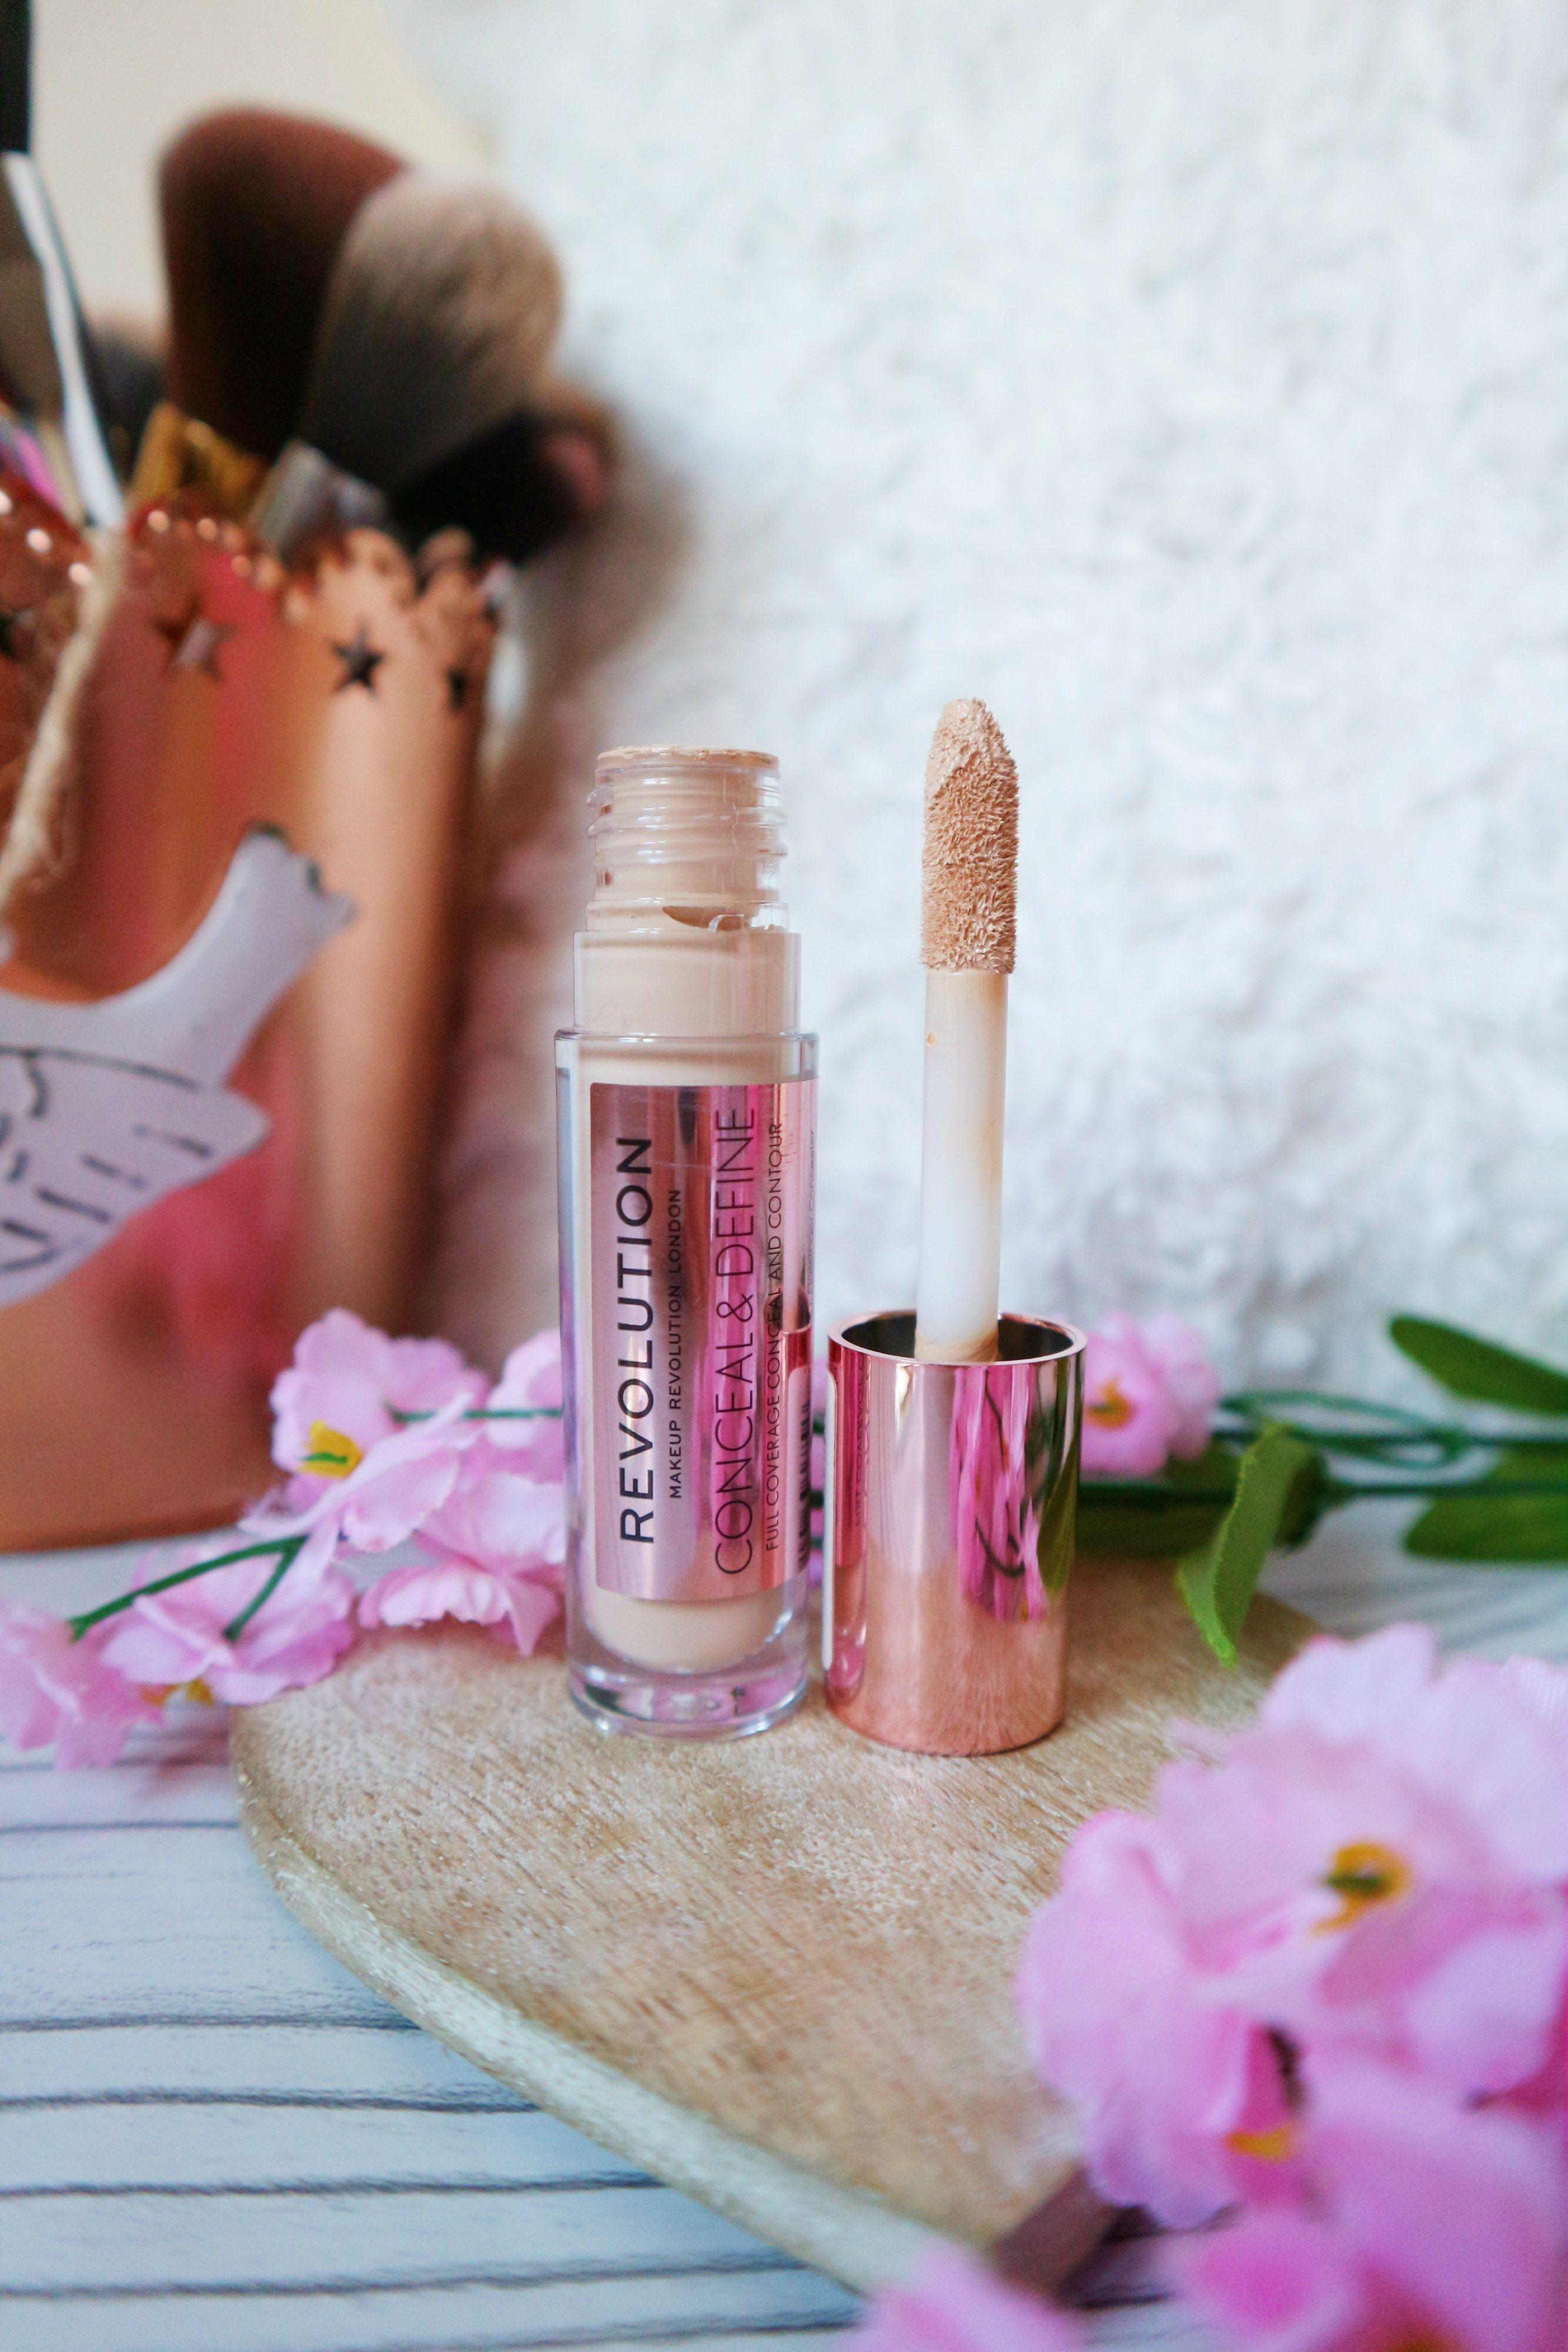 Makeup Revolution Conceal and Define Concealer in 2020